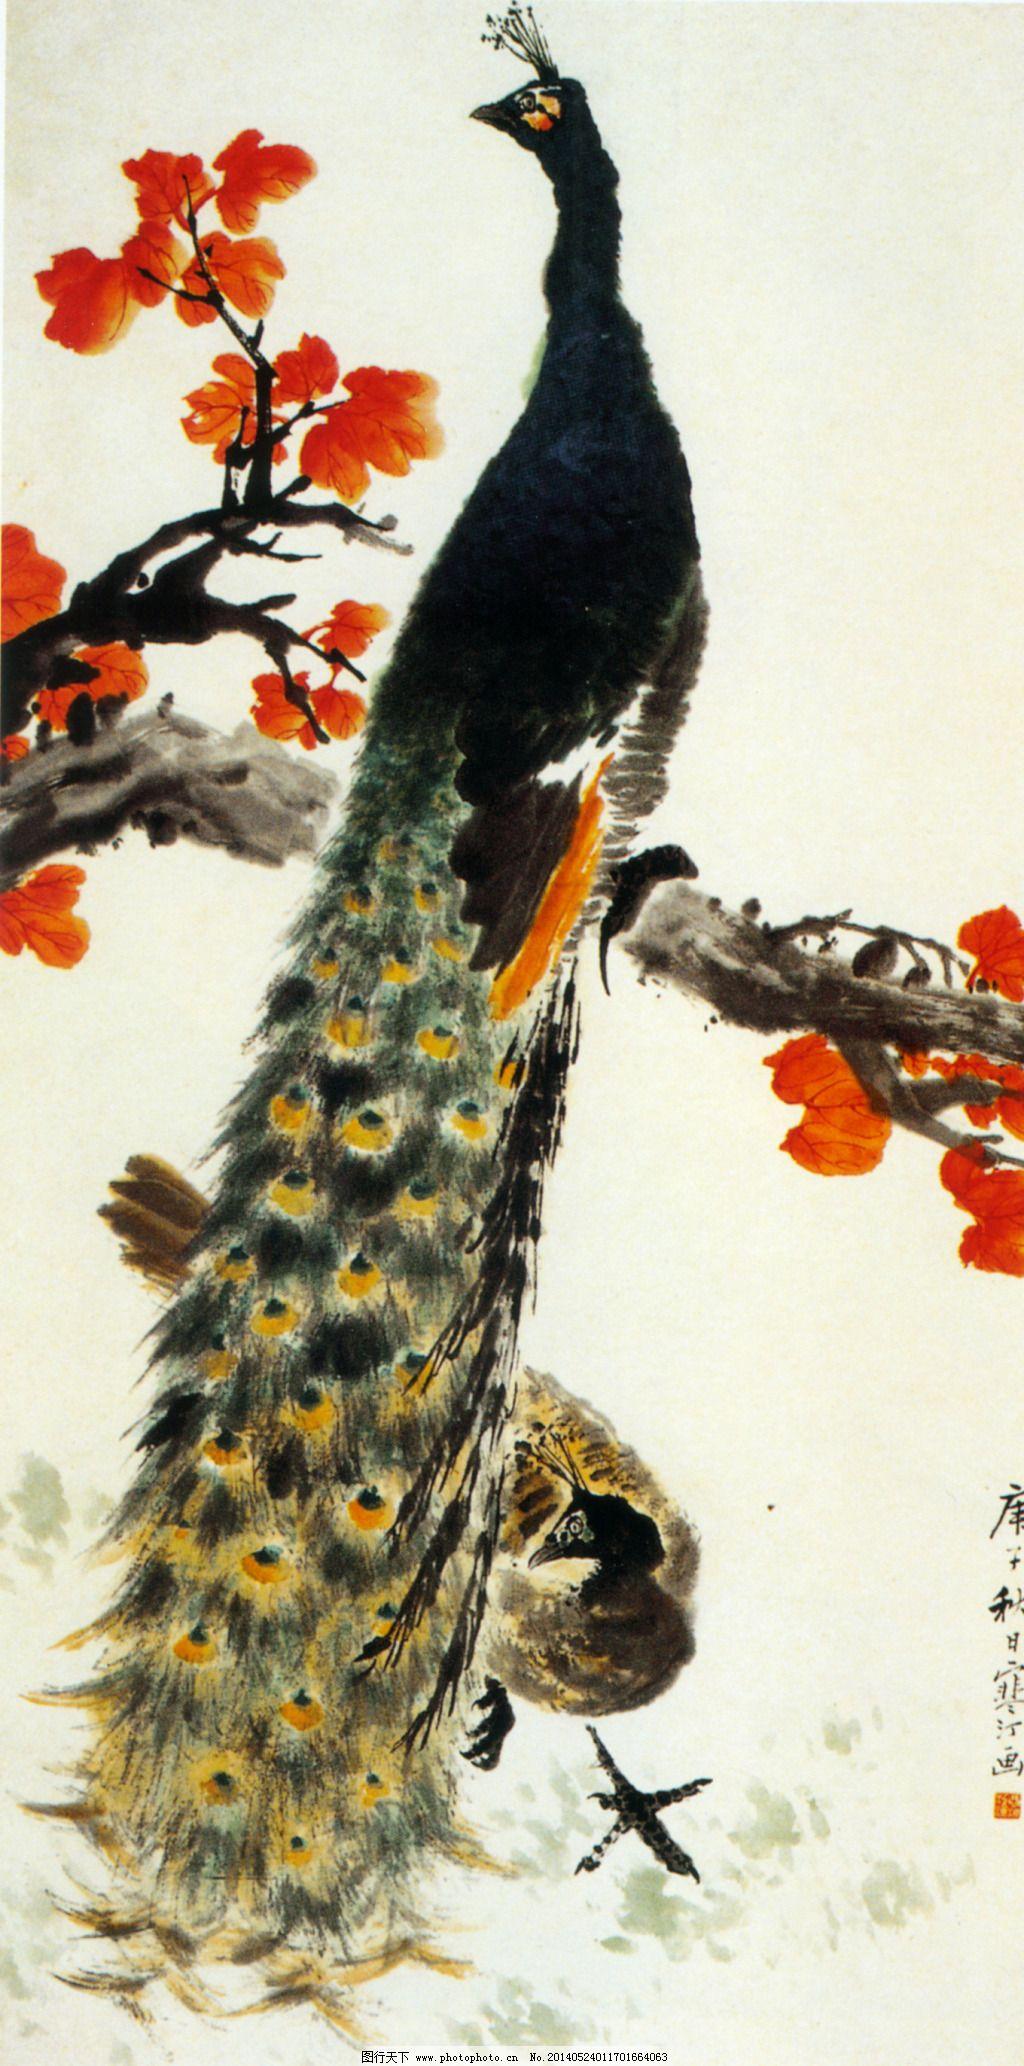 公免费下载 工笔画 花鸟画 中国画 装饰画 孔雀丹青 装饰画 中国画 花